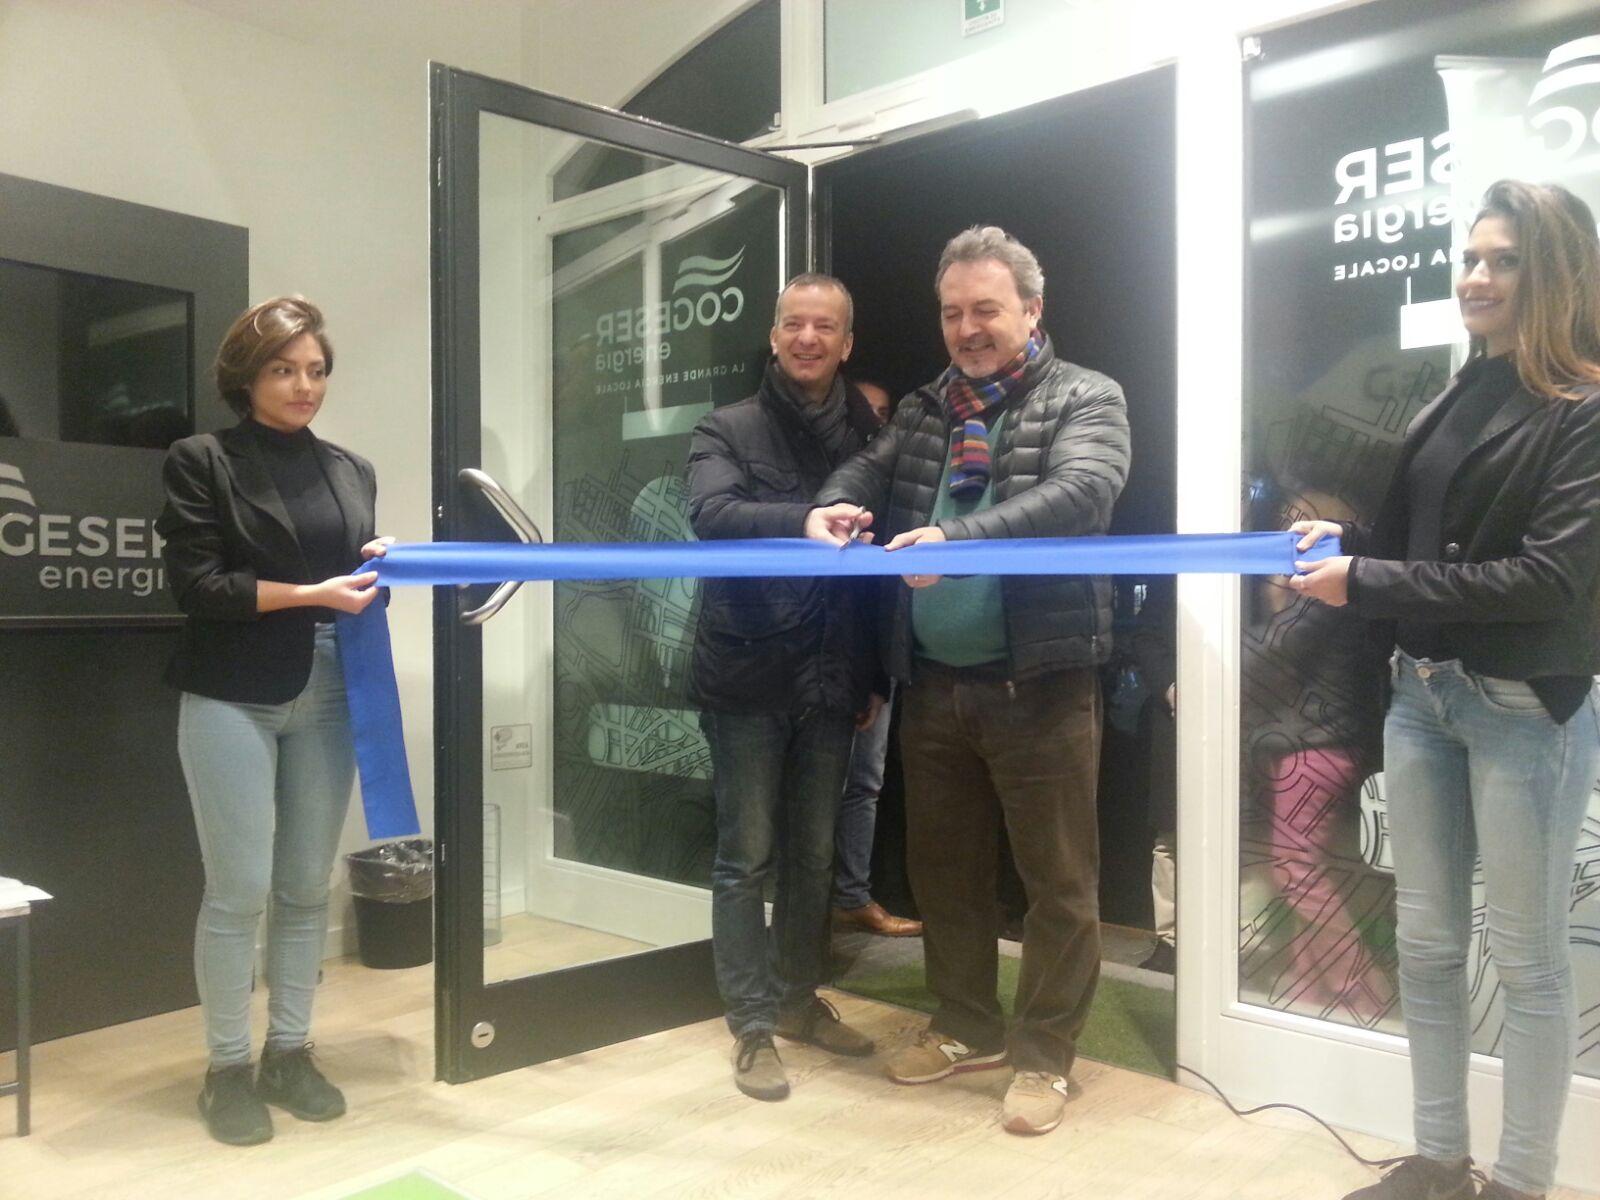 Inaugurazione in diretta radio per il nuovo Cogeser point di Cernusco